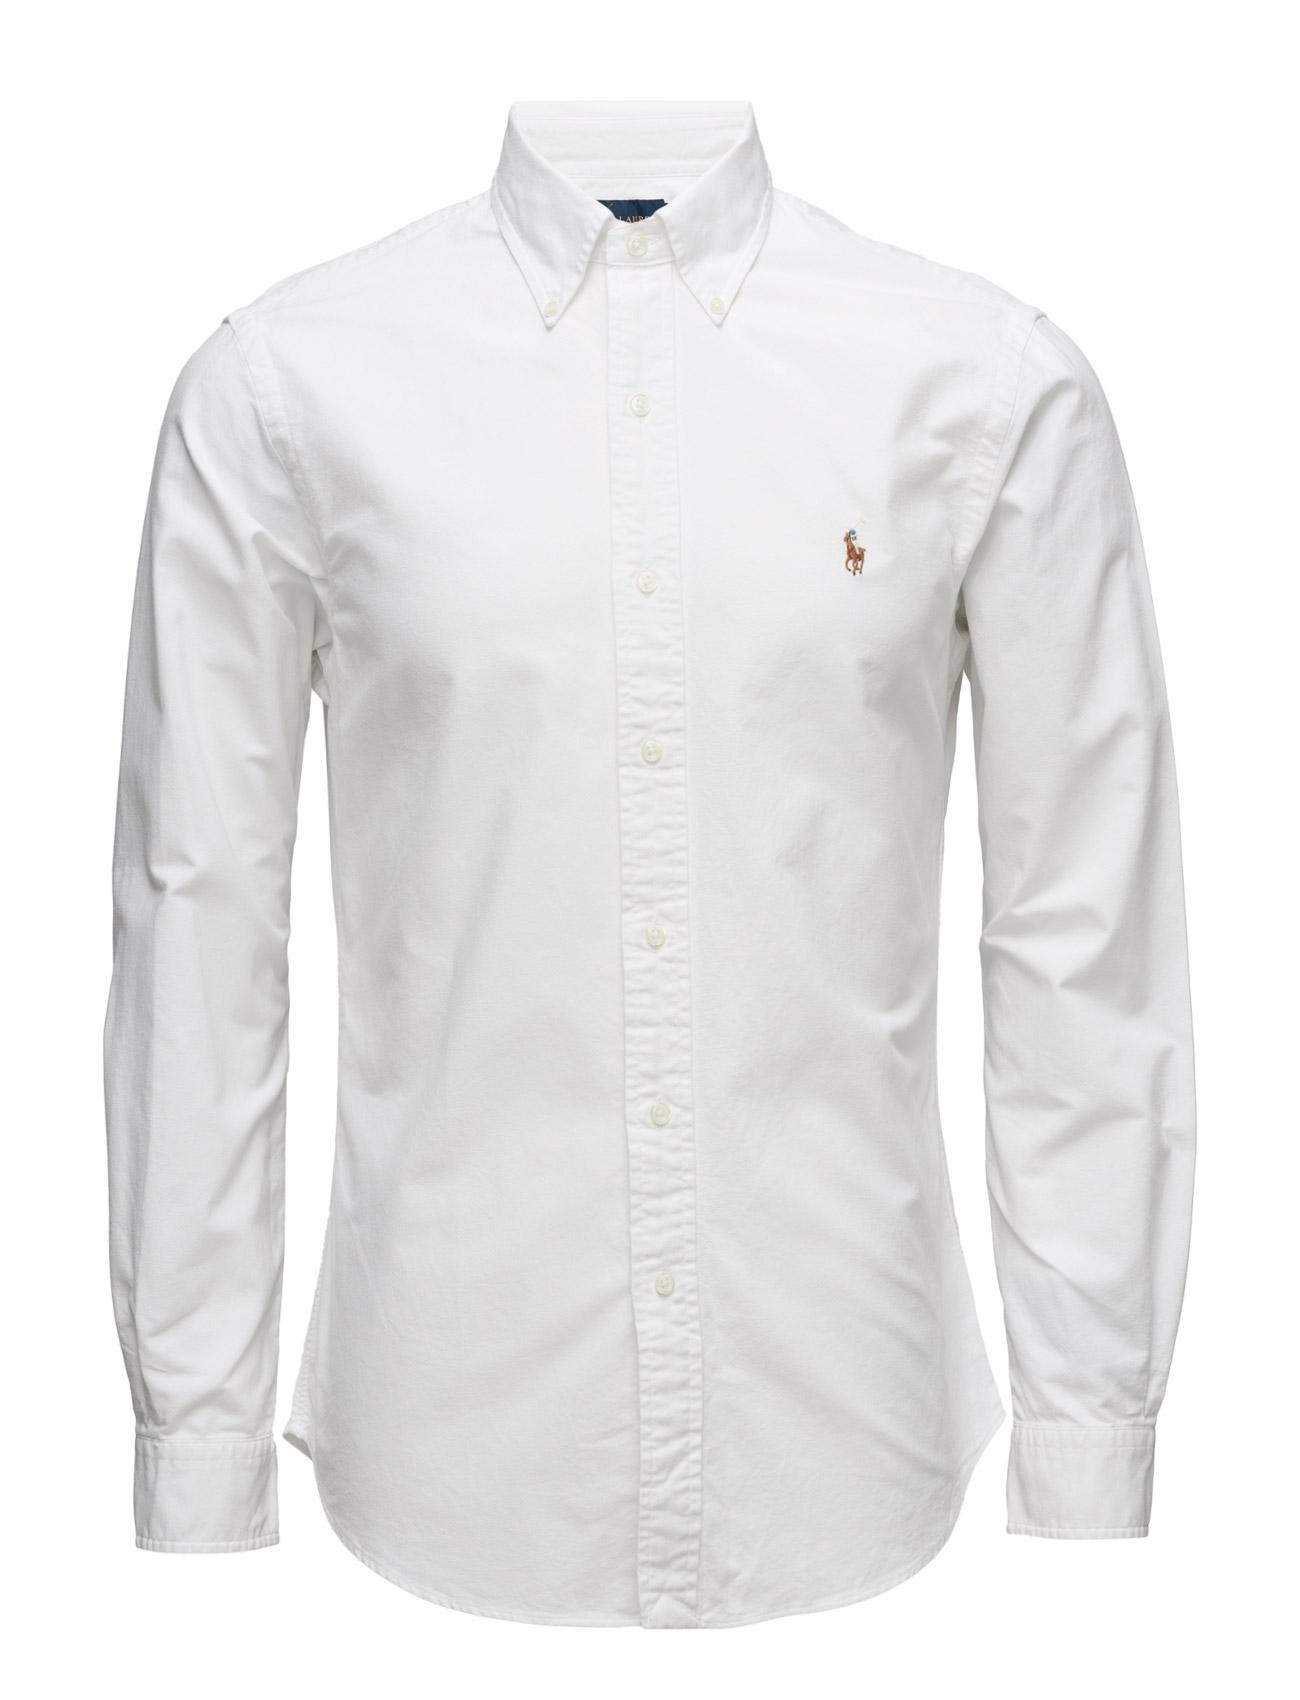 Mens Slim Fit Polo Shirt